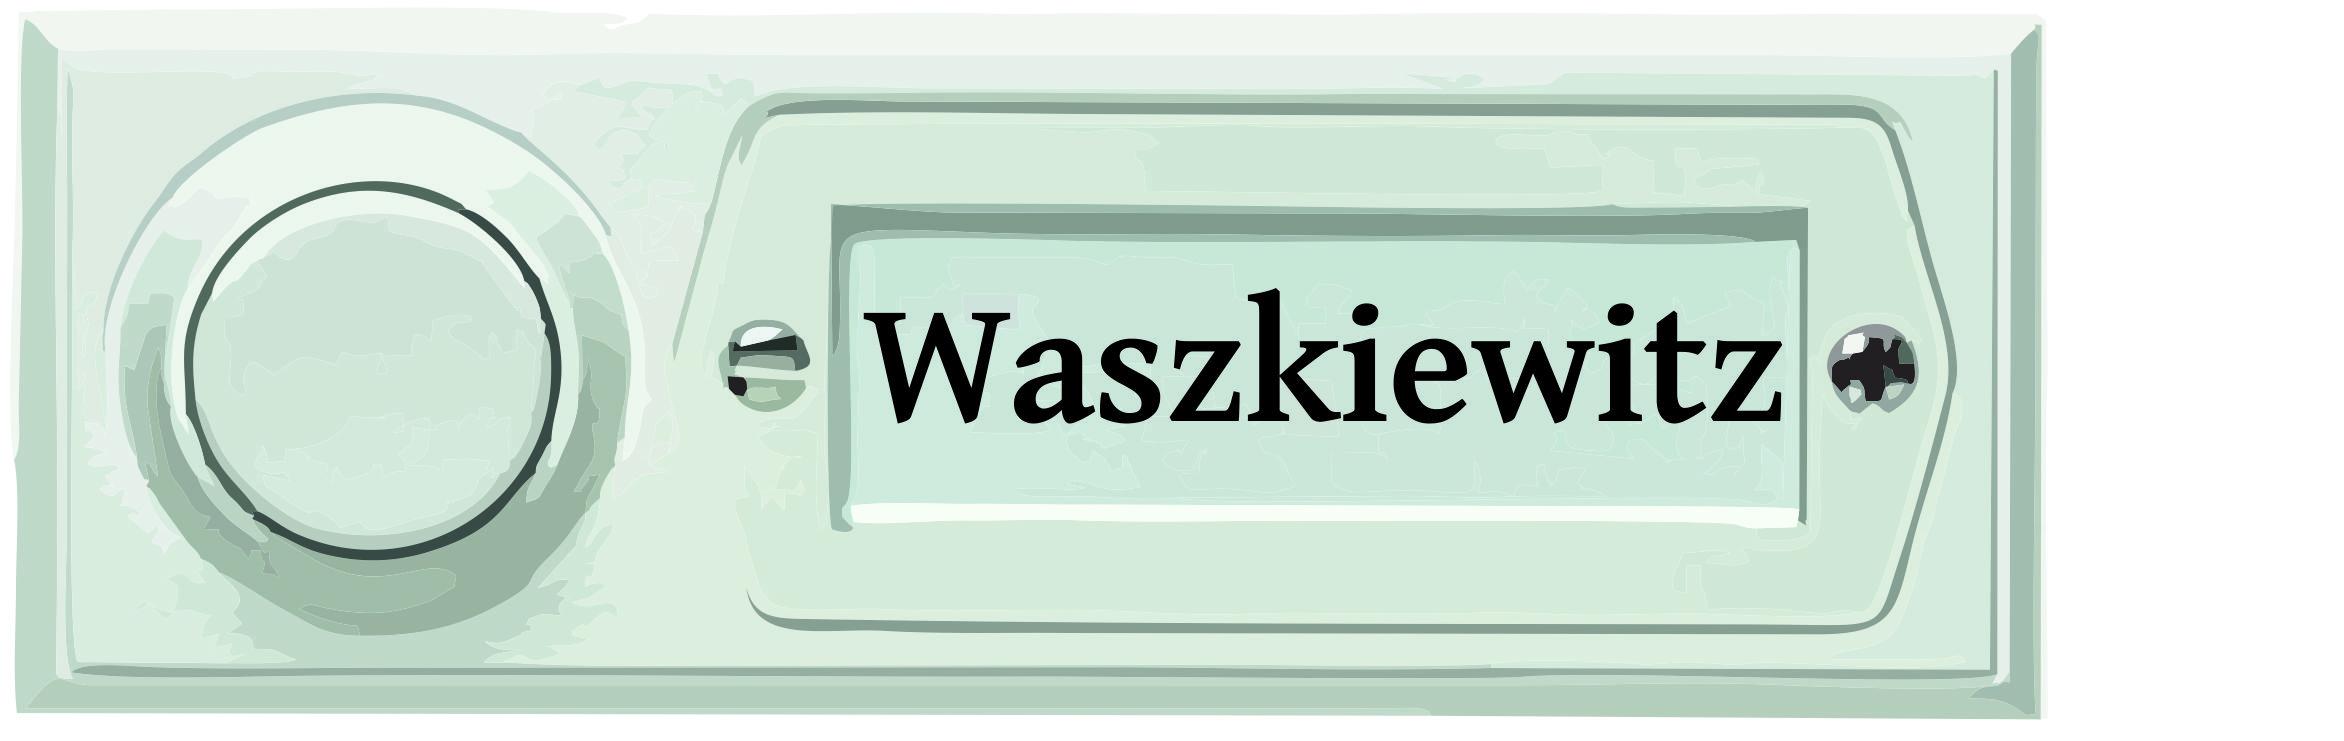 Waszkiewitz - Family Cave